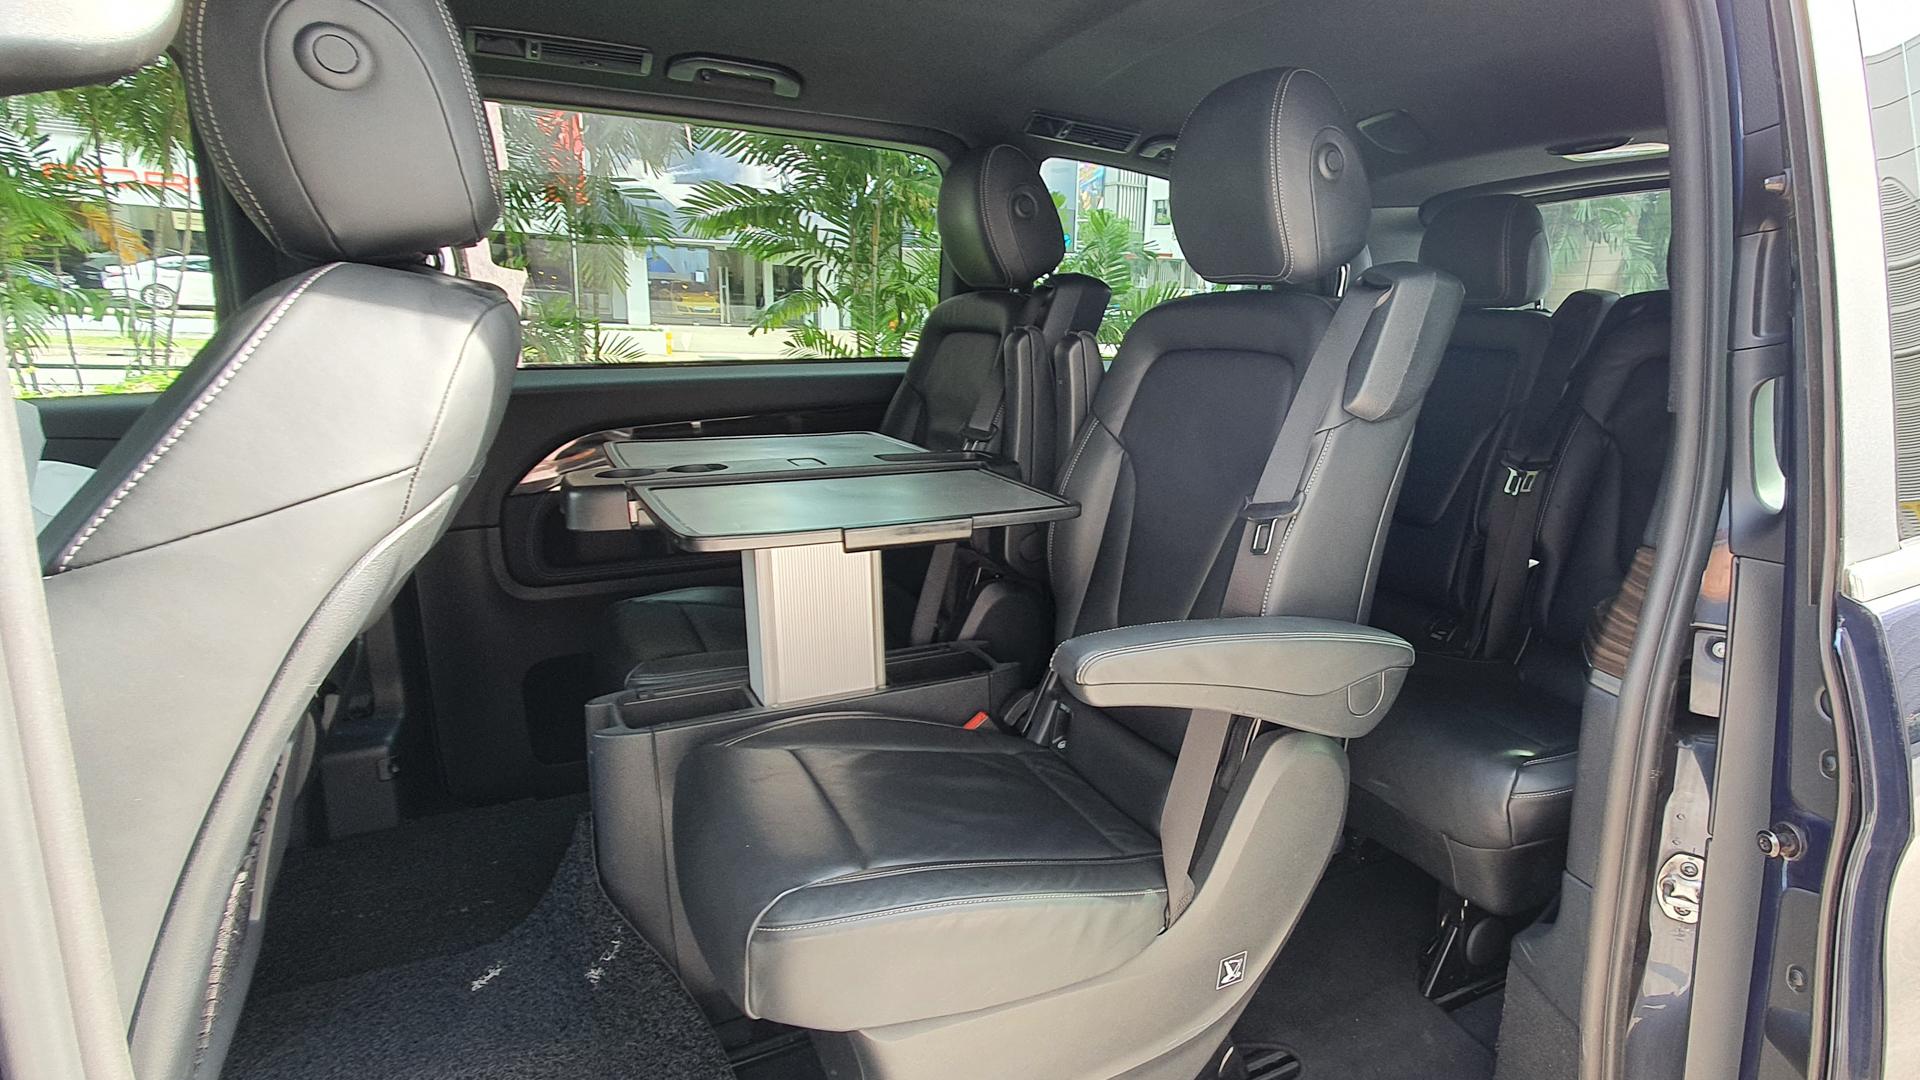 2016 Mercedes-Benz V-Class V250 BlueTec - Rear Seats